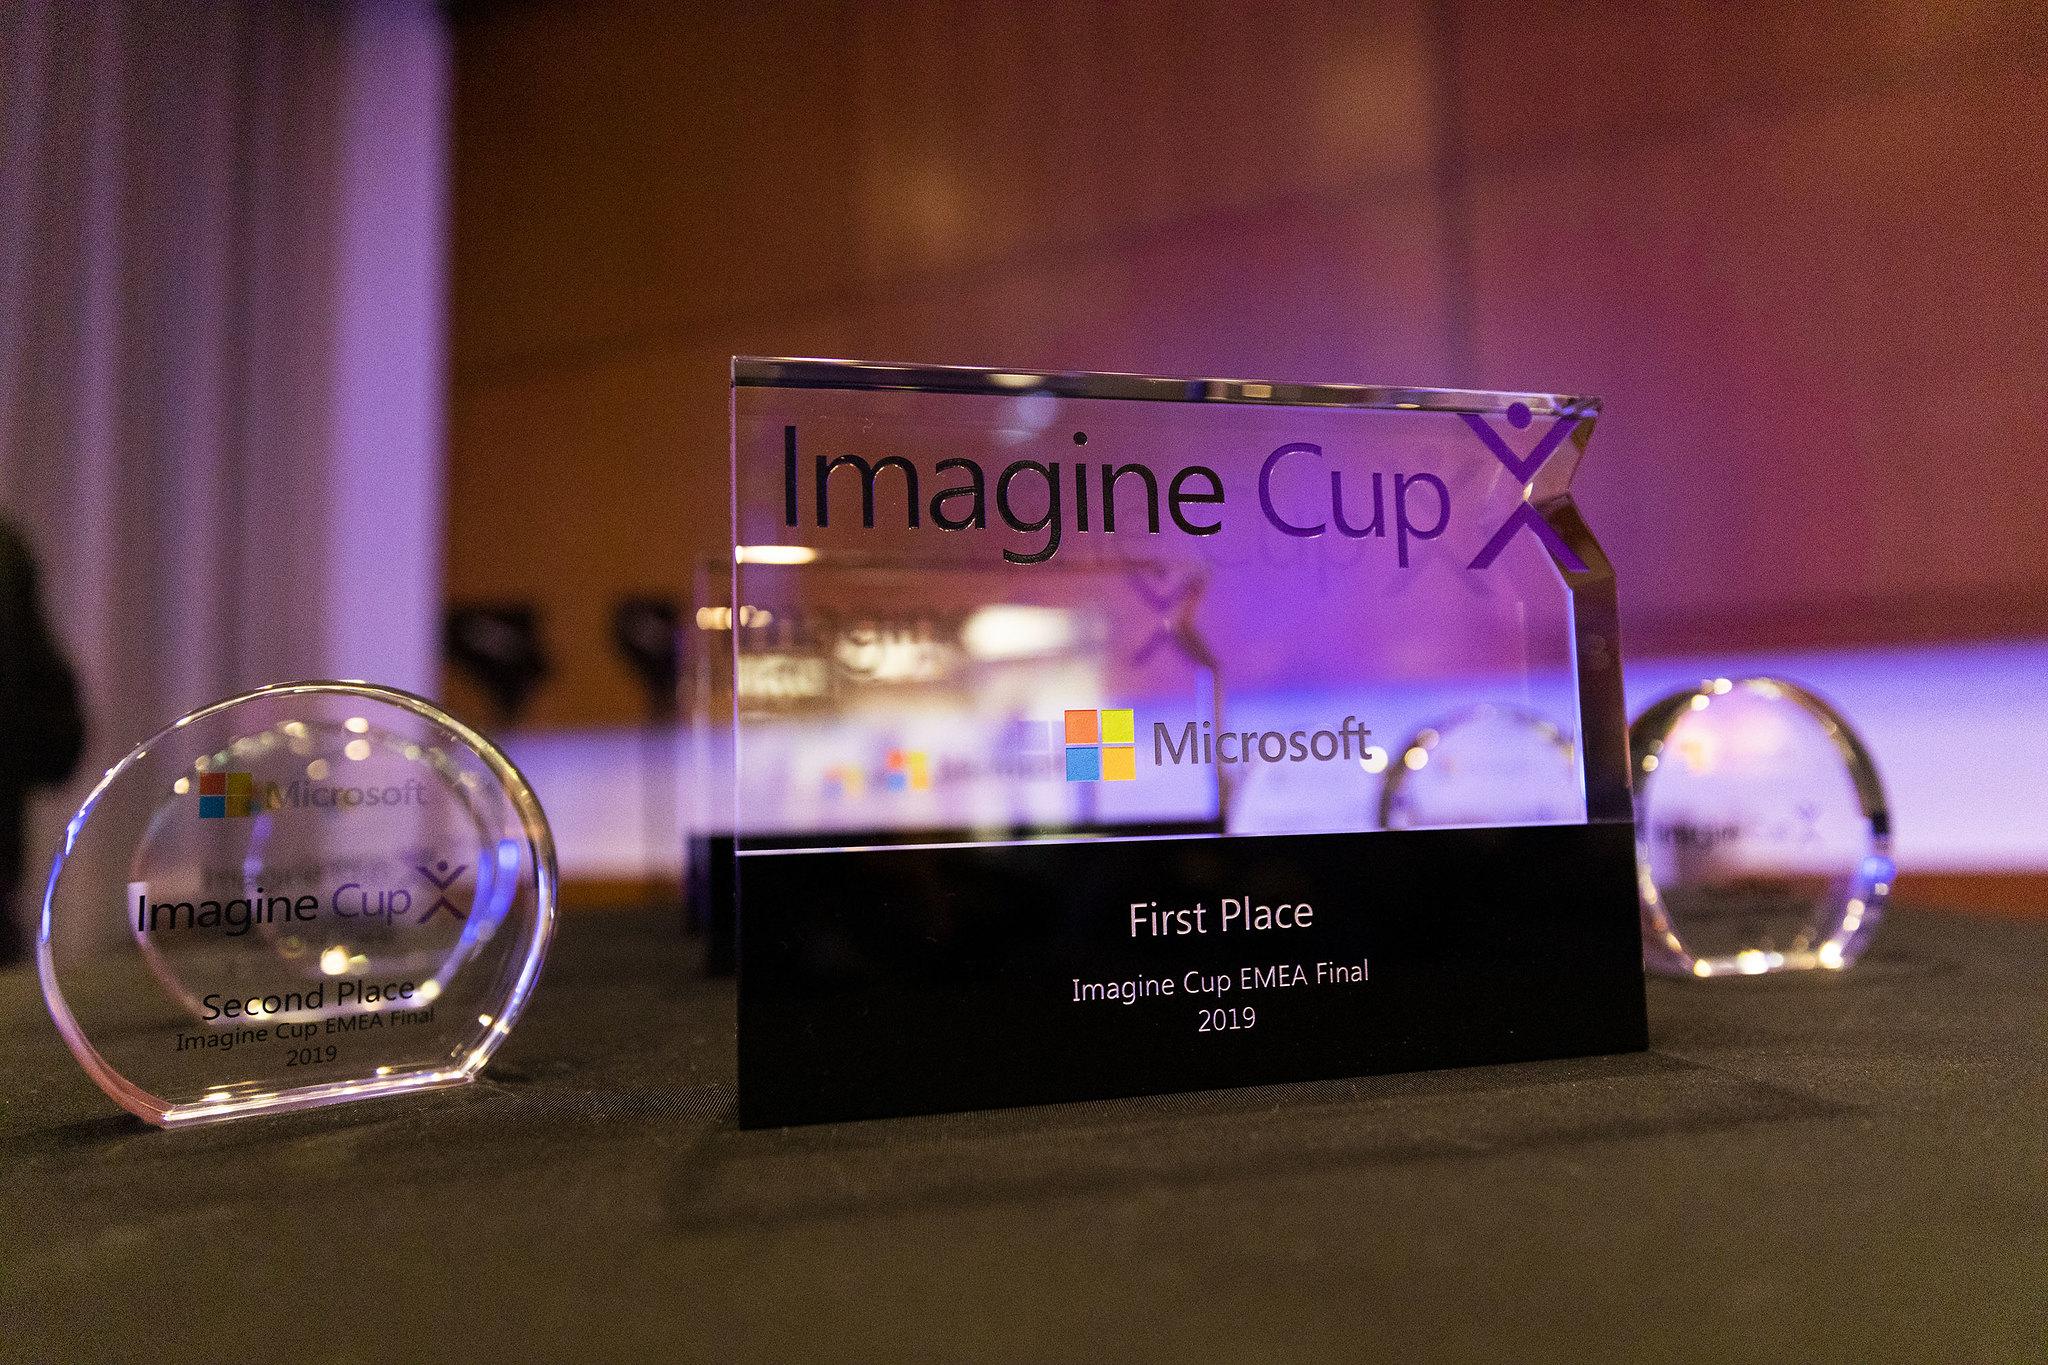 2020 Imagine Cup EMEA